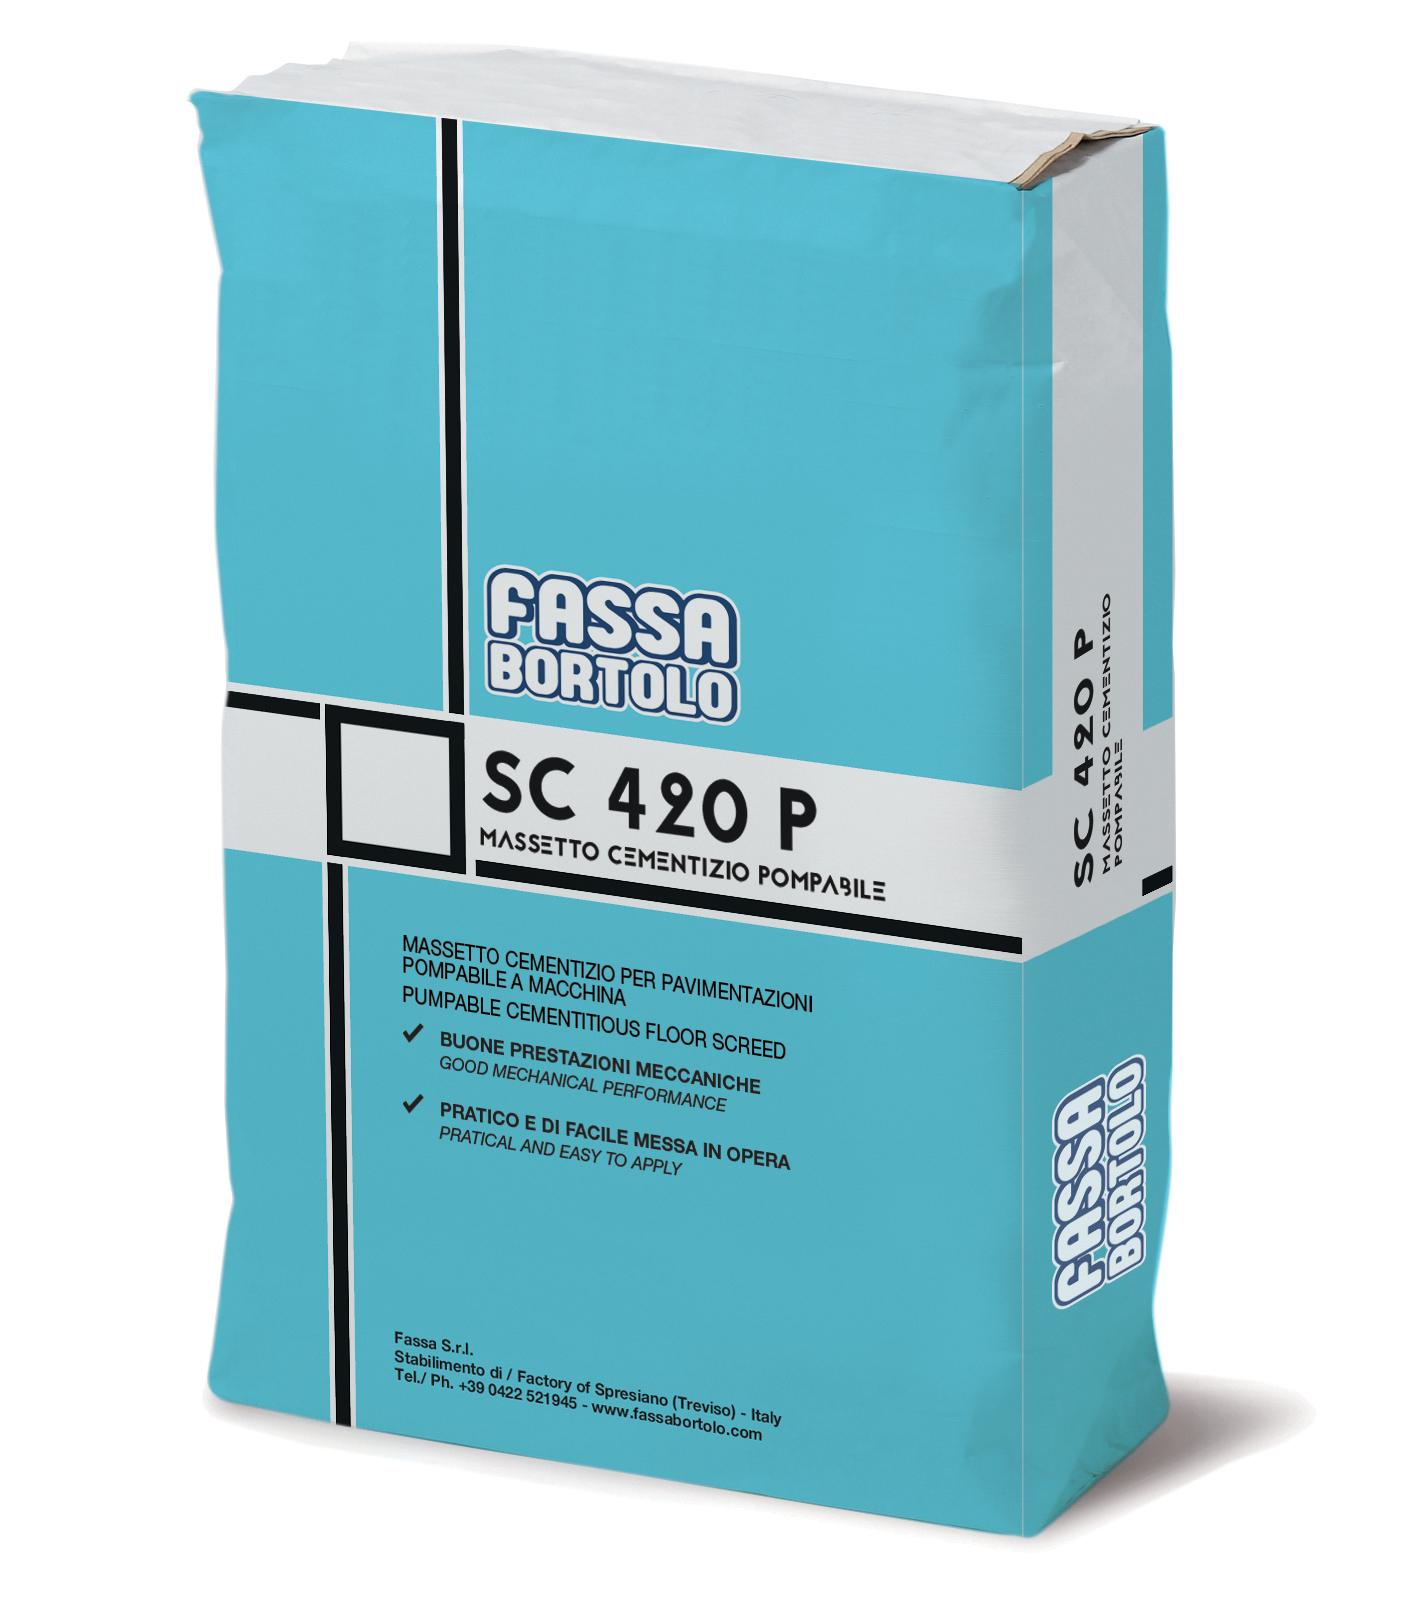 SC 420 P